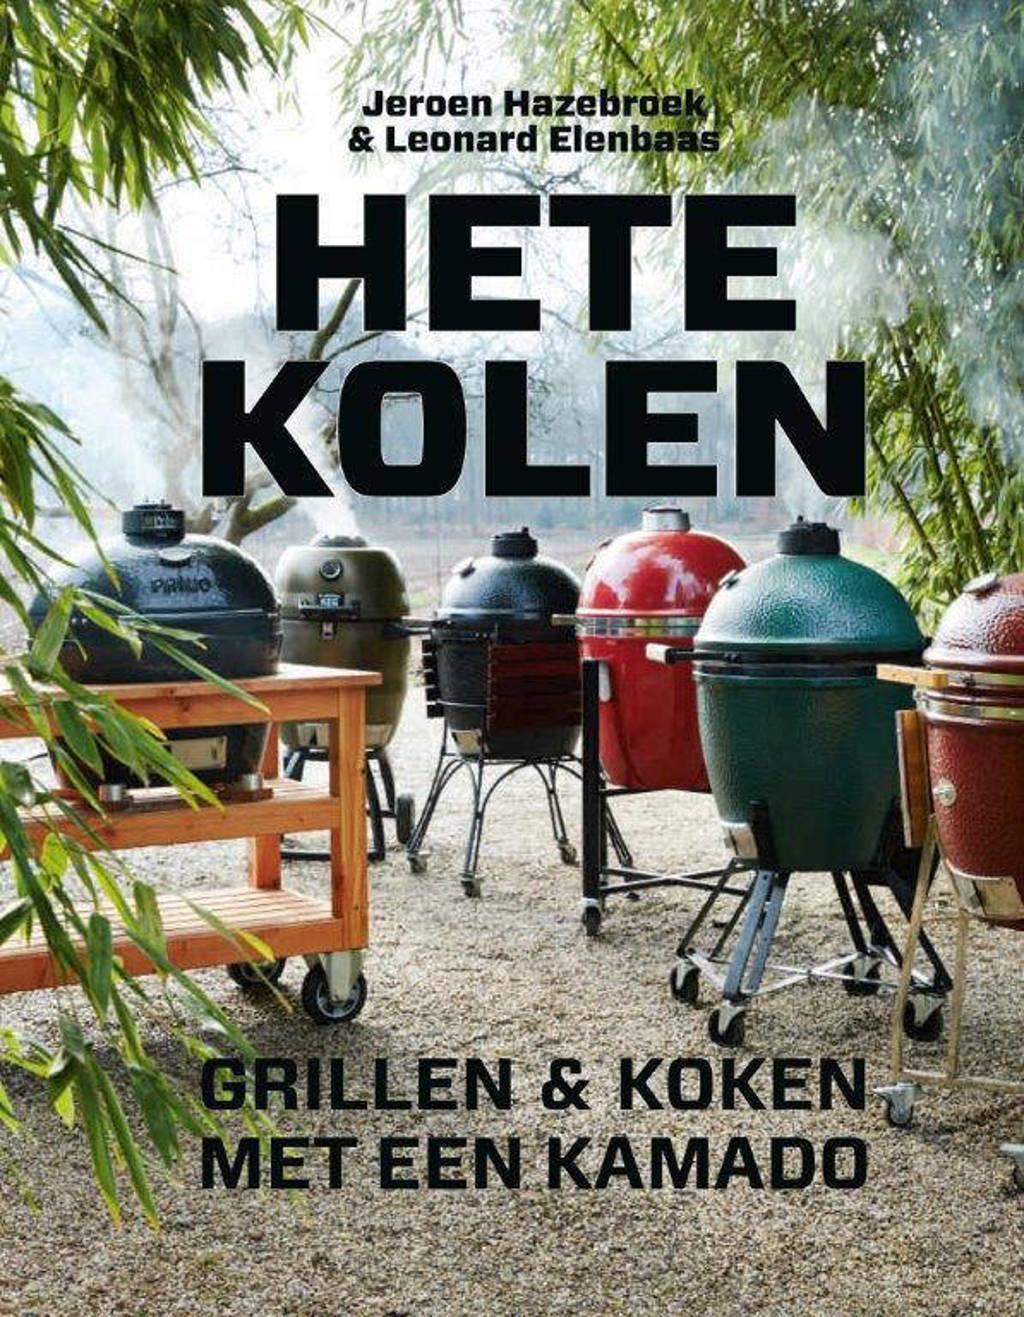 Hete kolen - Jeroen Hazebroek en Leonard Elenbaas